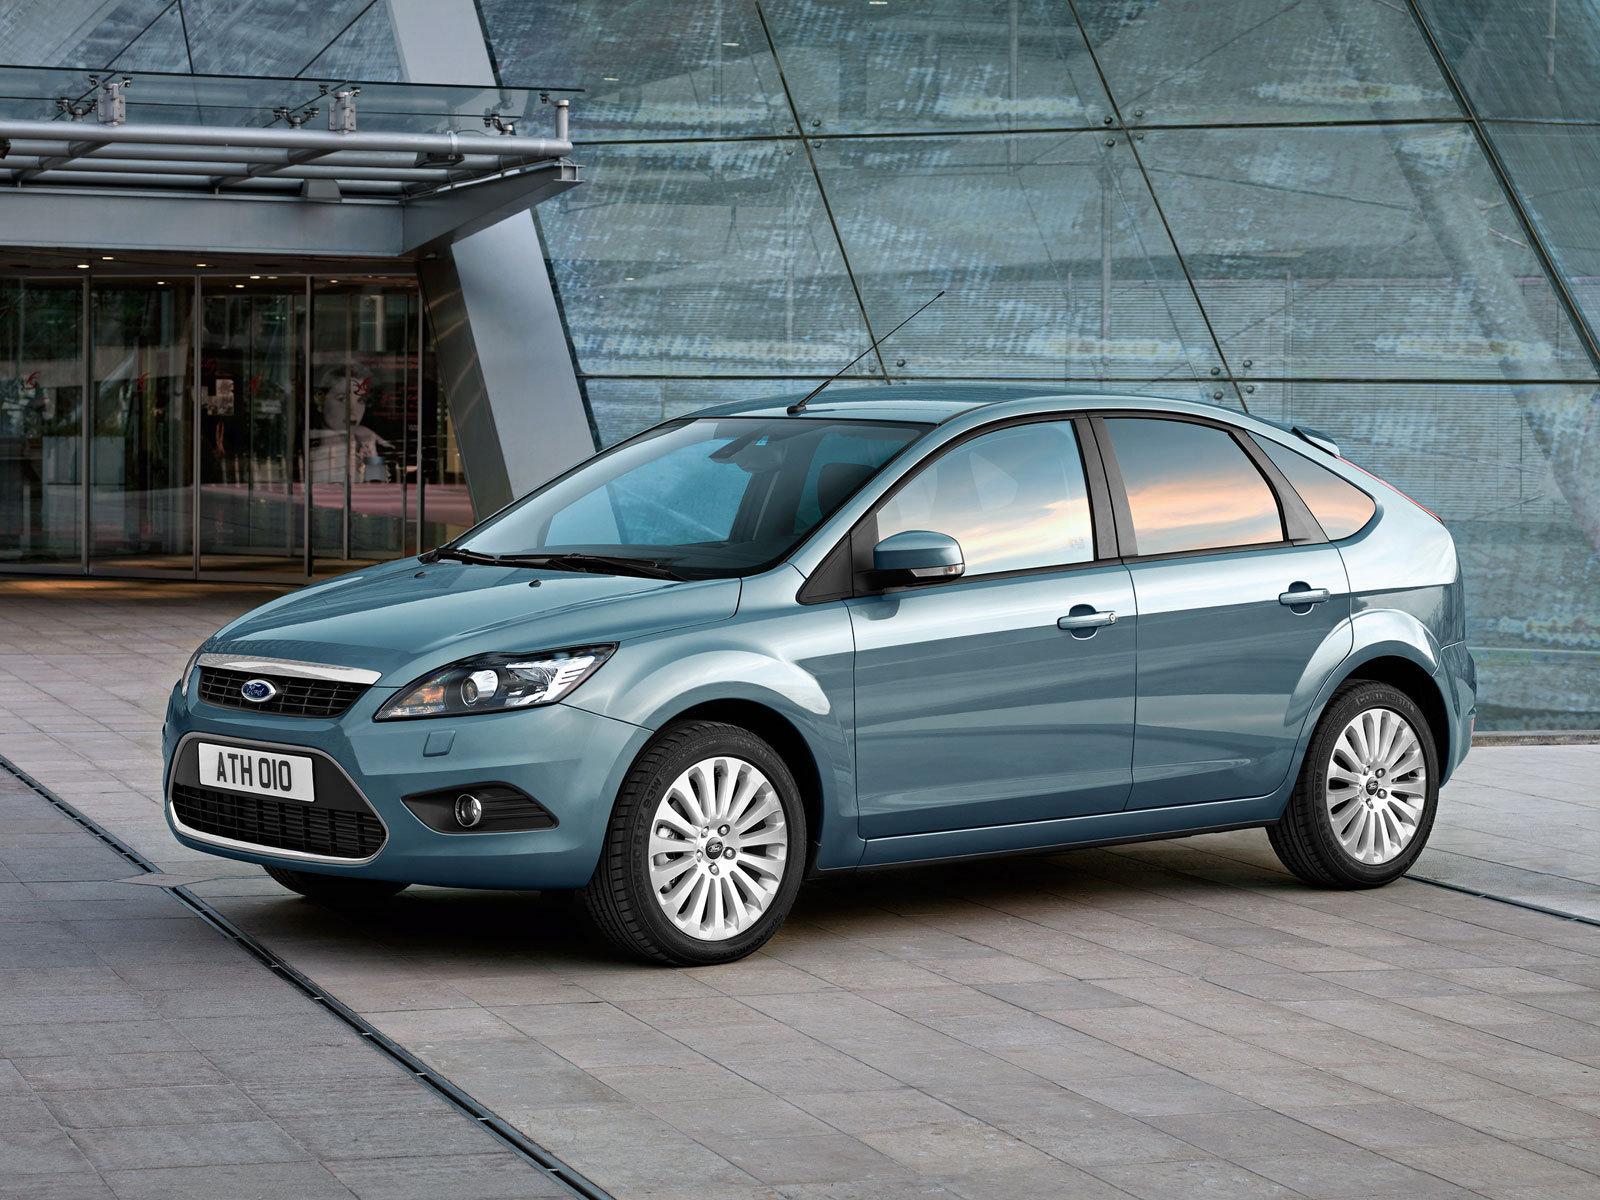 Модельный ряд и цены автомобилей Ford (Форд) - Quto.ru